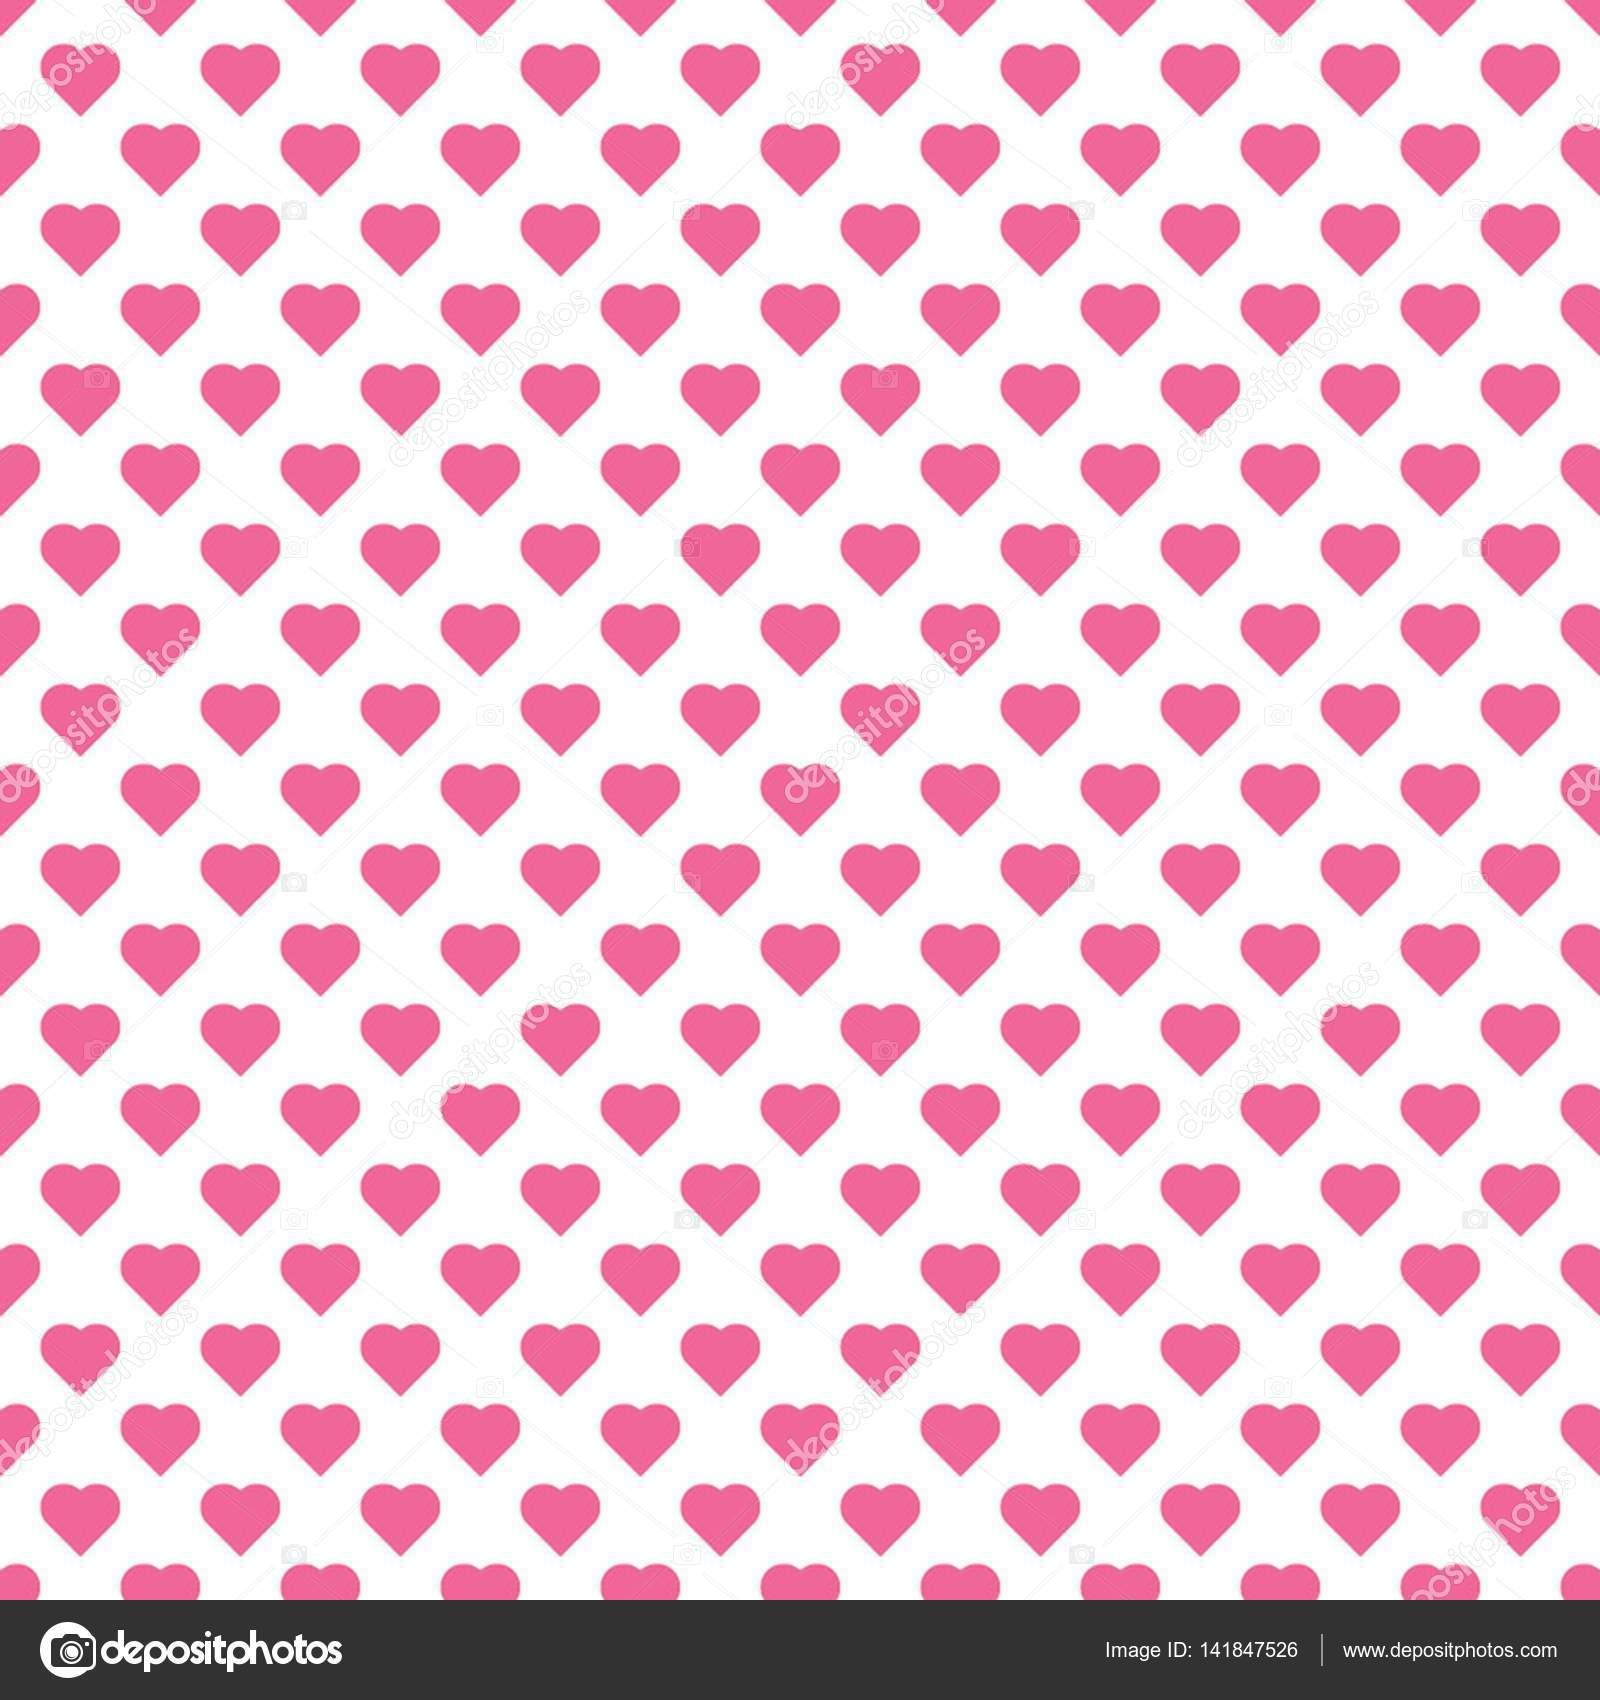 patrn hermoso vector transparente con muchos smbolos de pequeos corazones rosas sobre fondo blanco archivo